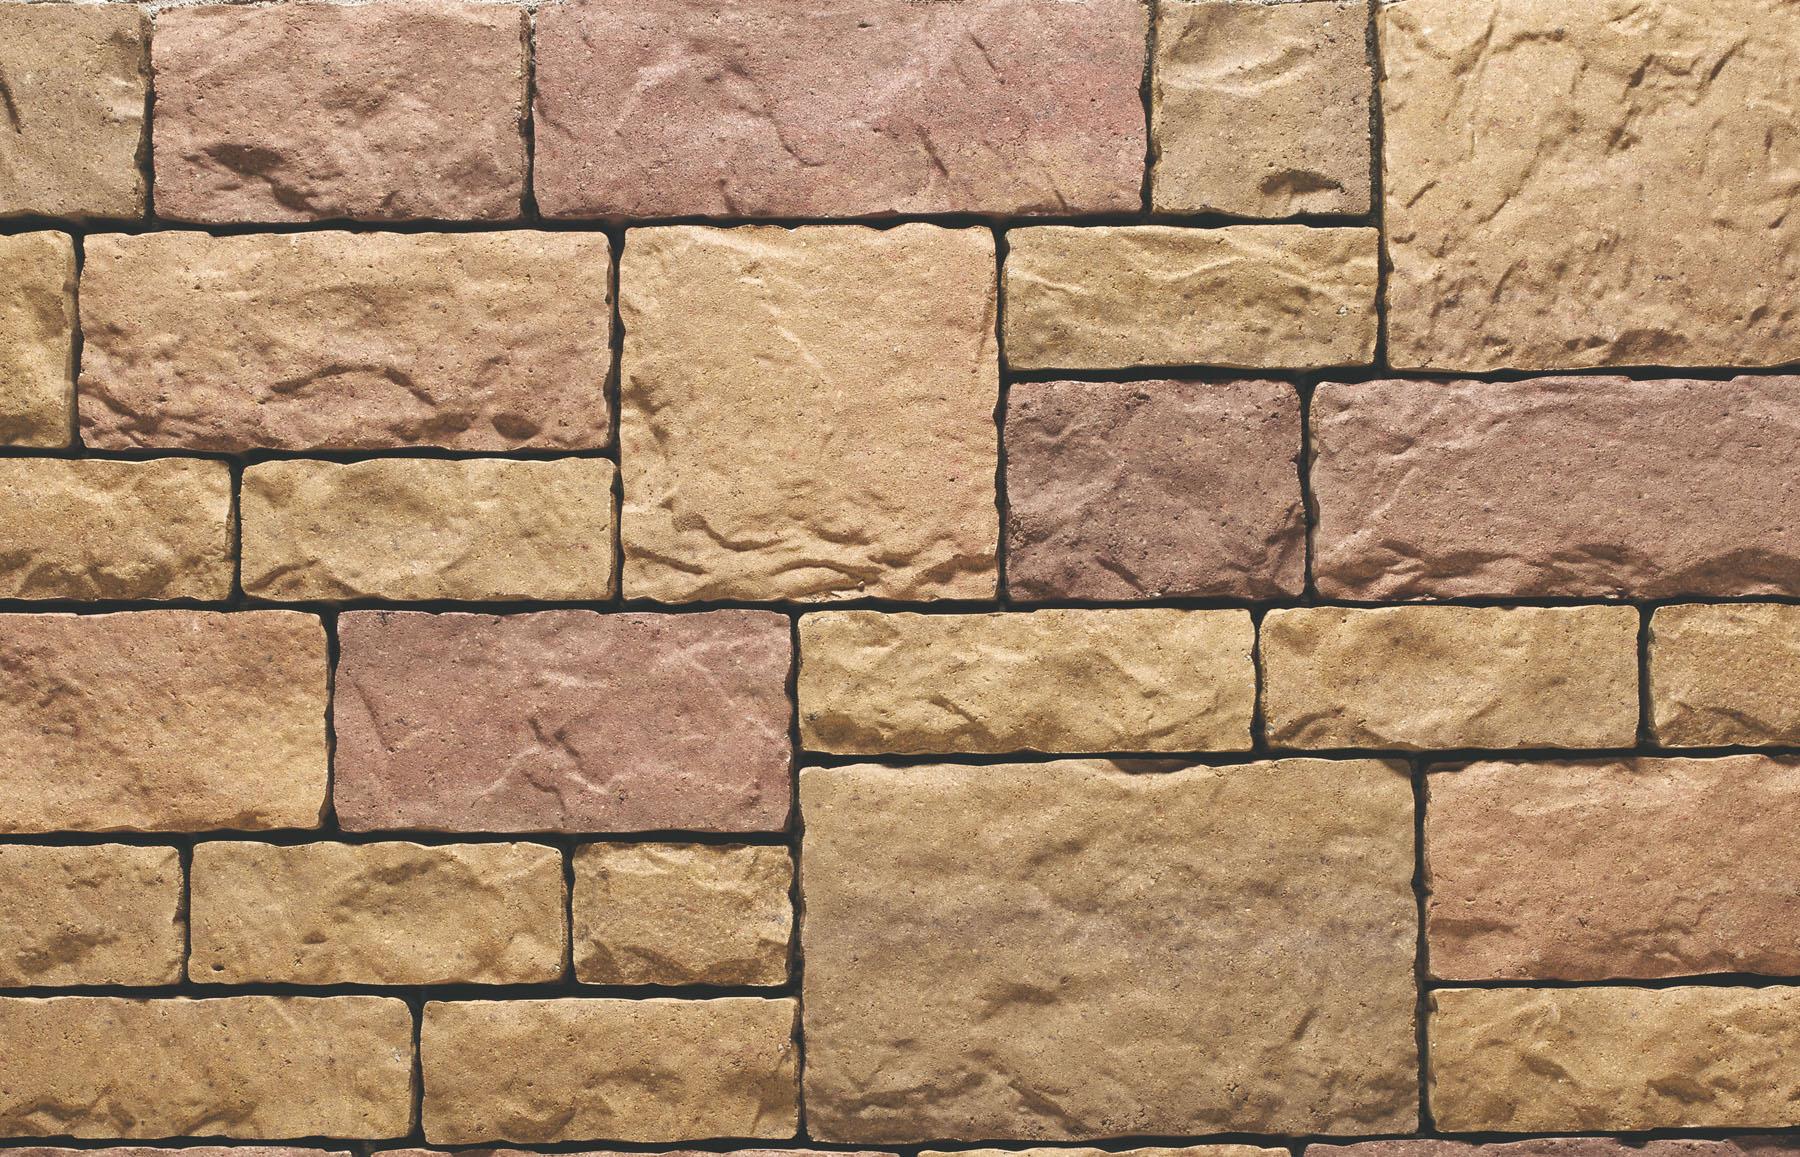 Oldcastle s Kensley Stone Veneer Brings Stately Style to Exteriors